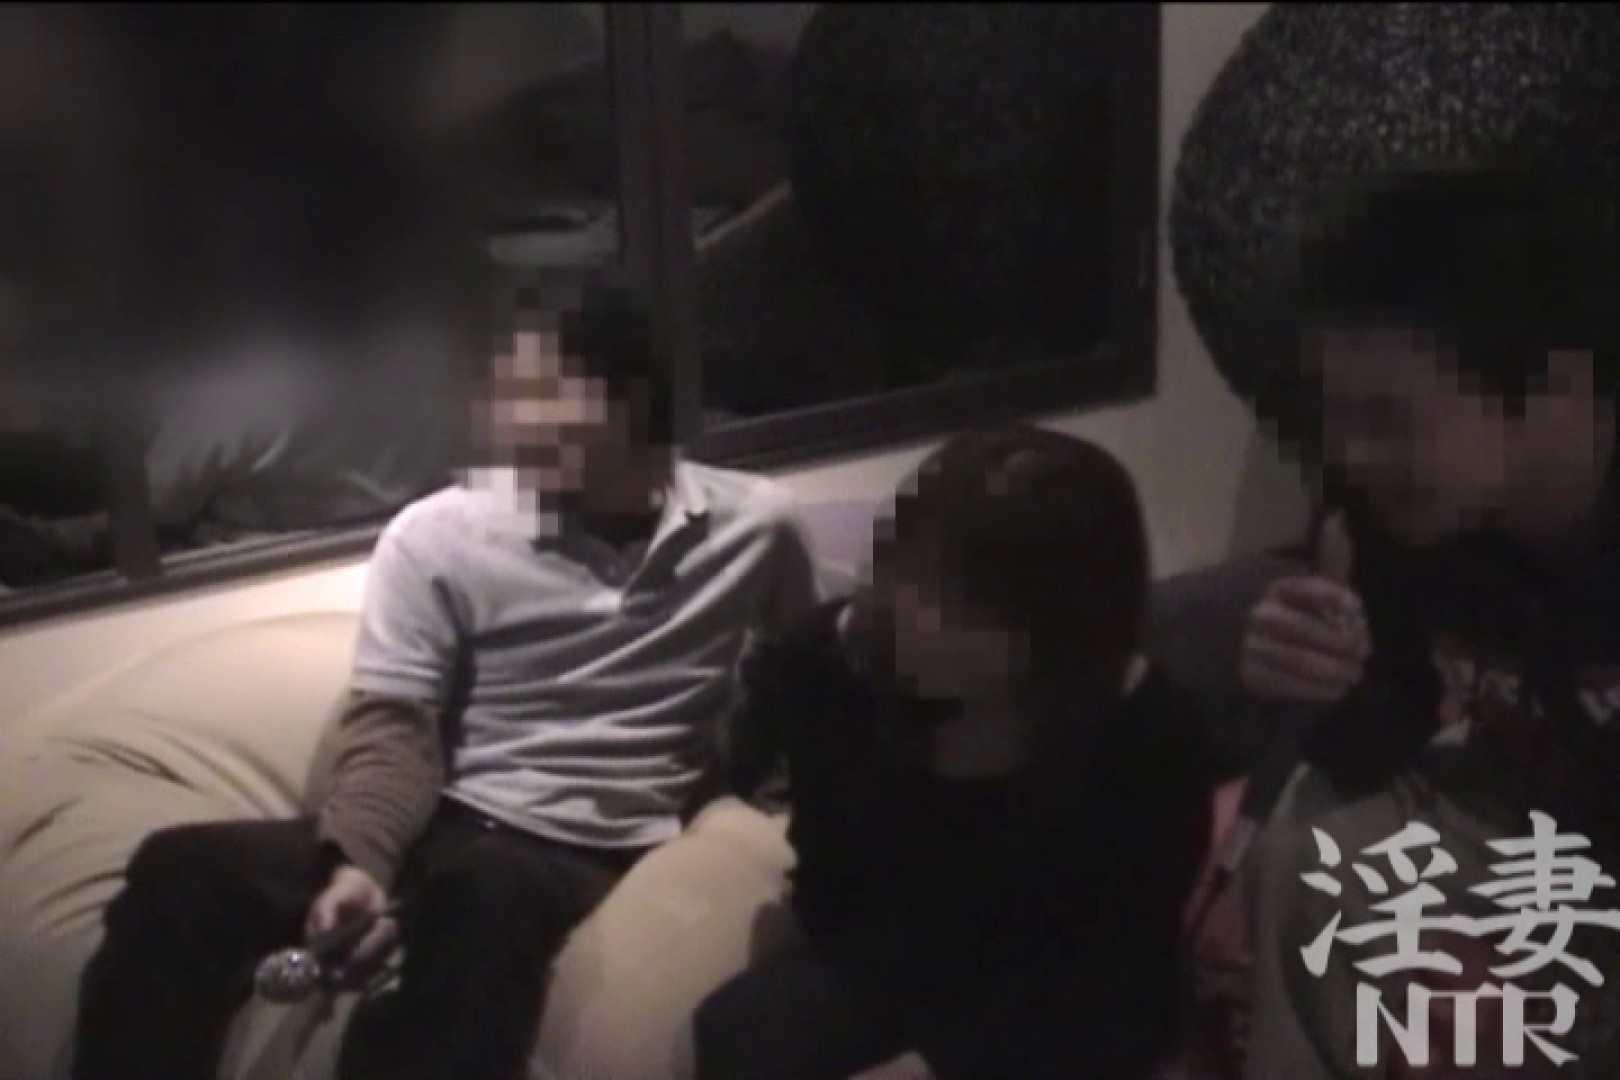 淫乱彩女 麻優里 彼氏2人と旦那の同僚と 熟女 性交動画流出 84PIX 3